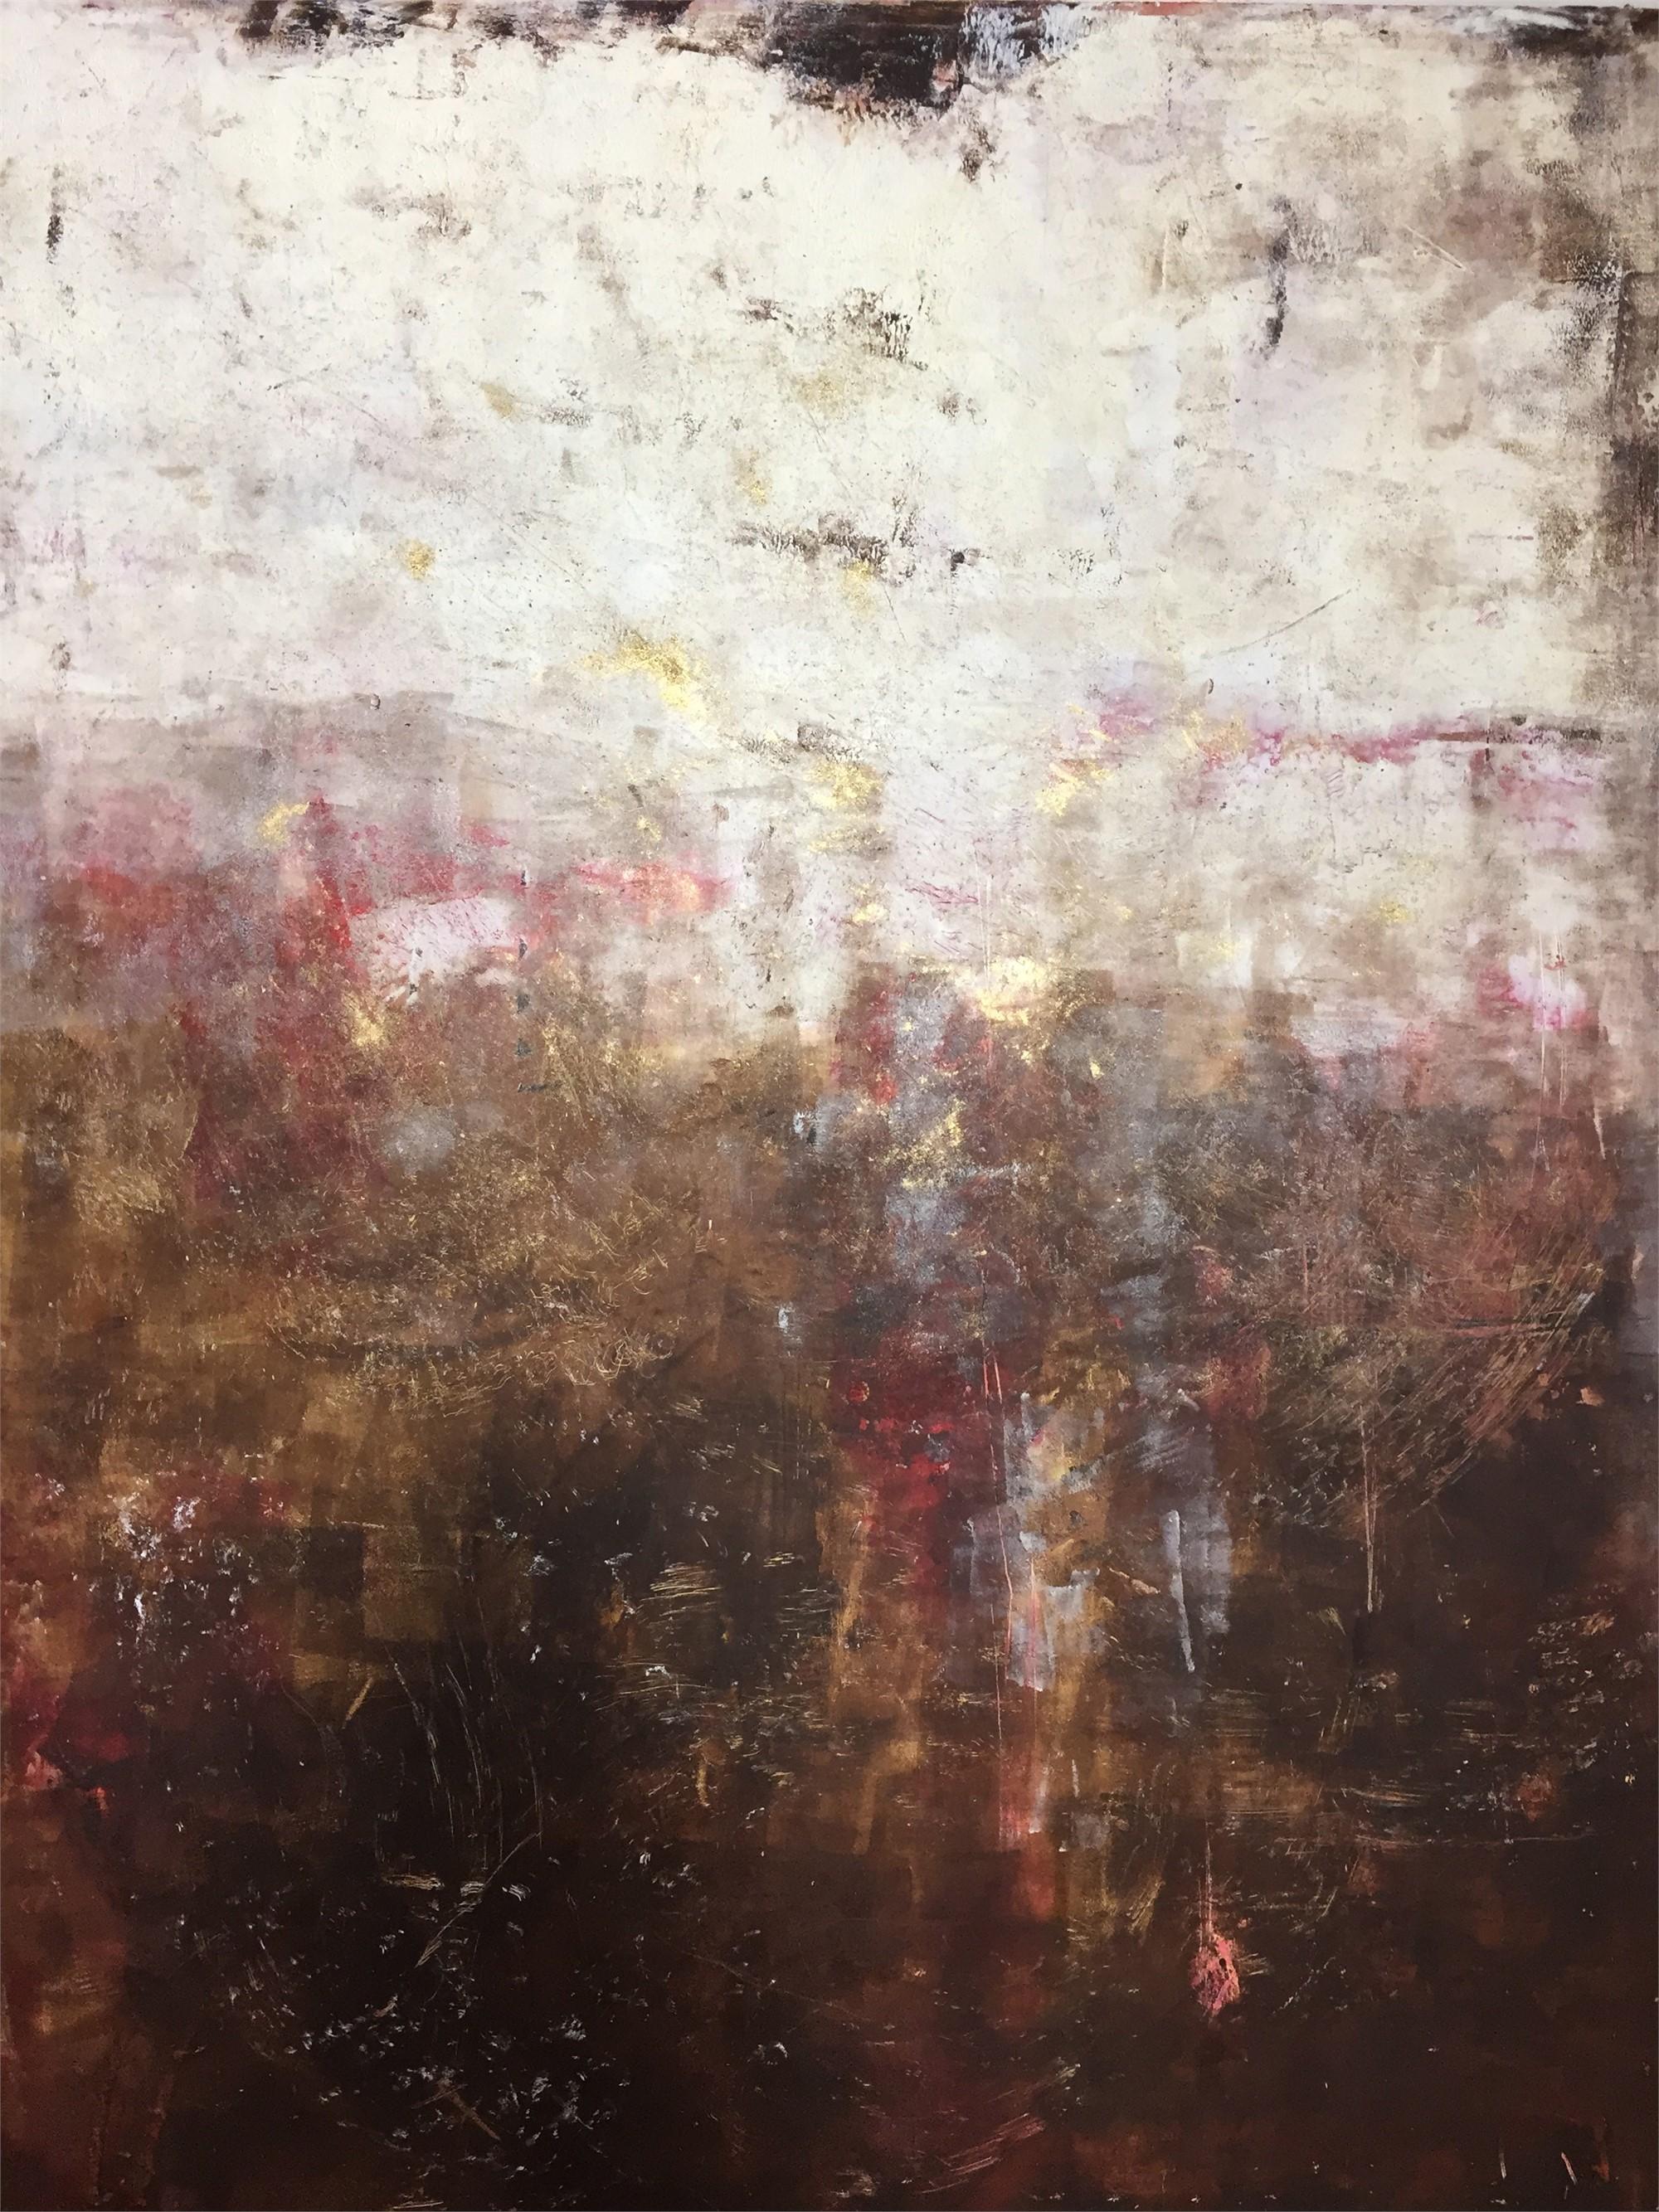 Morning Fog by Miguel Cruz